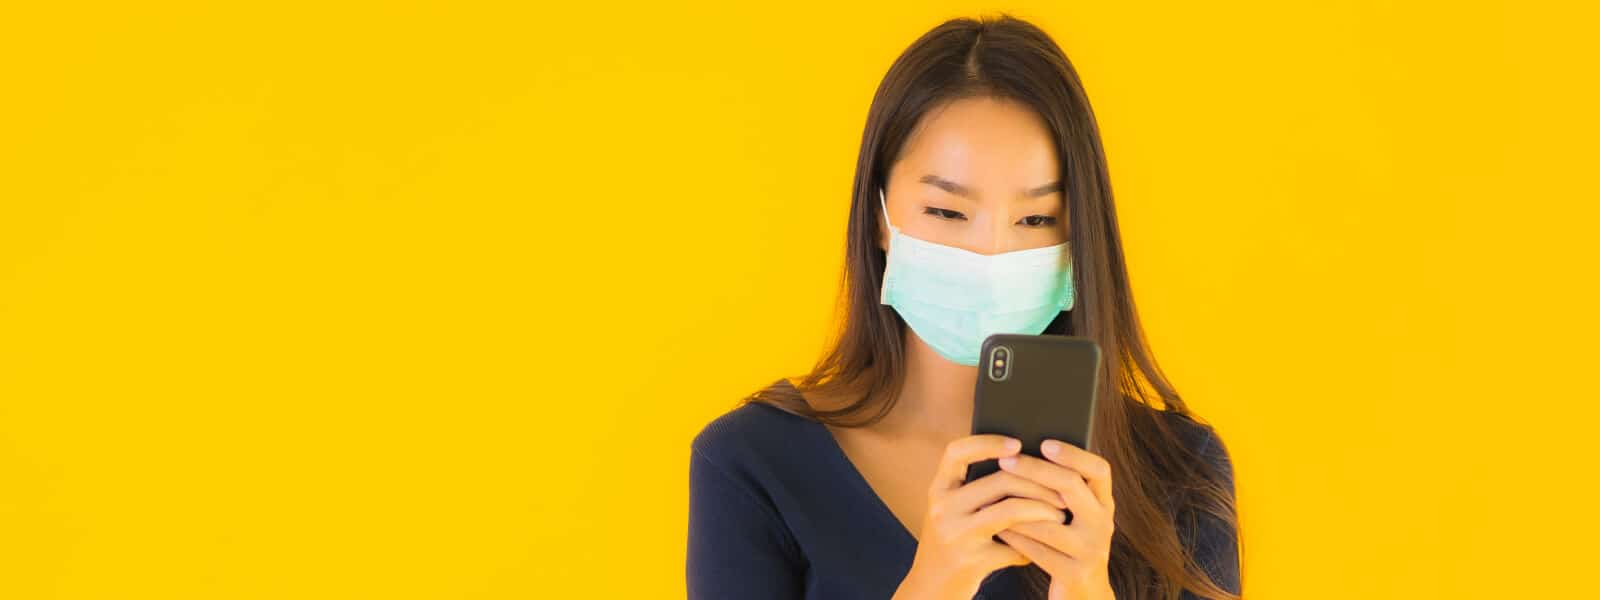 Curso Aspectos de Comunicación Estratégica en el Sistema de Salud y Noticias Falsas en Tiempos de pandemia.